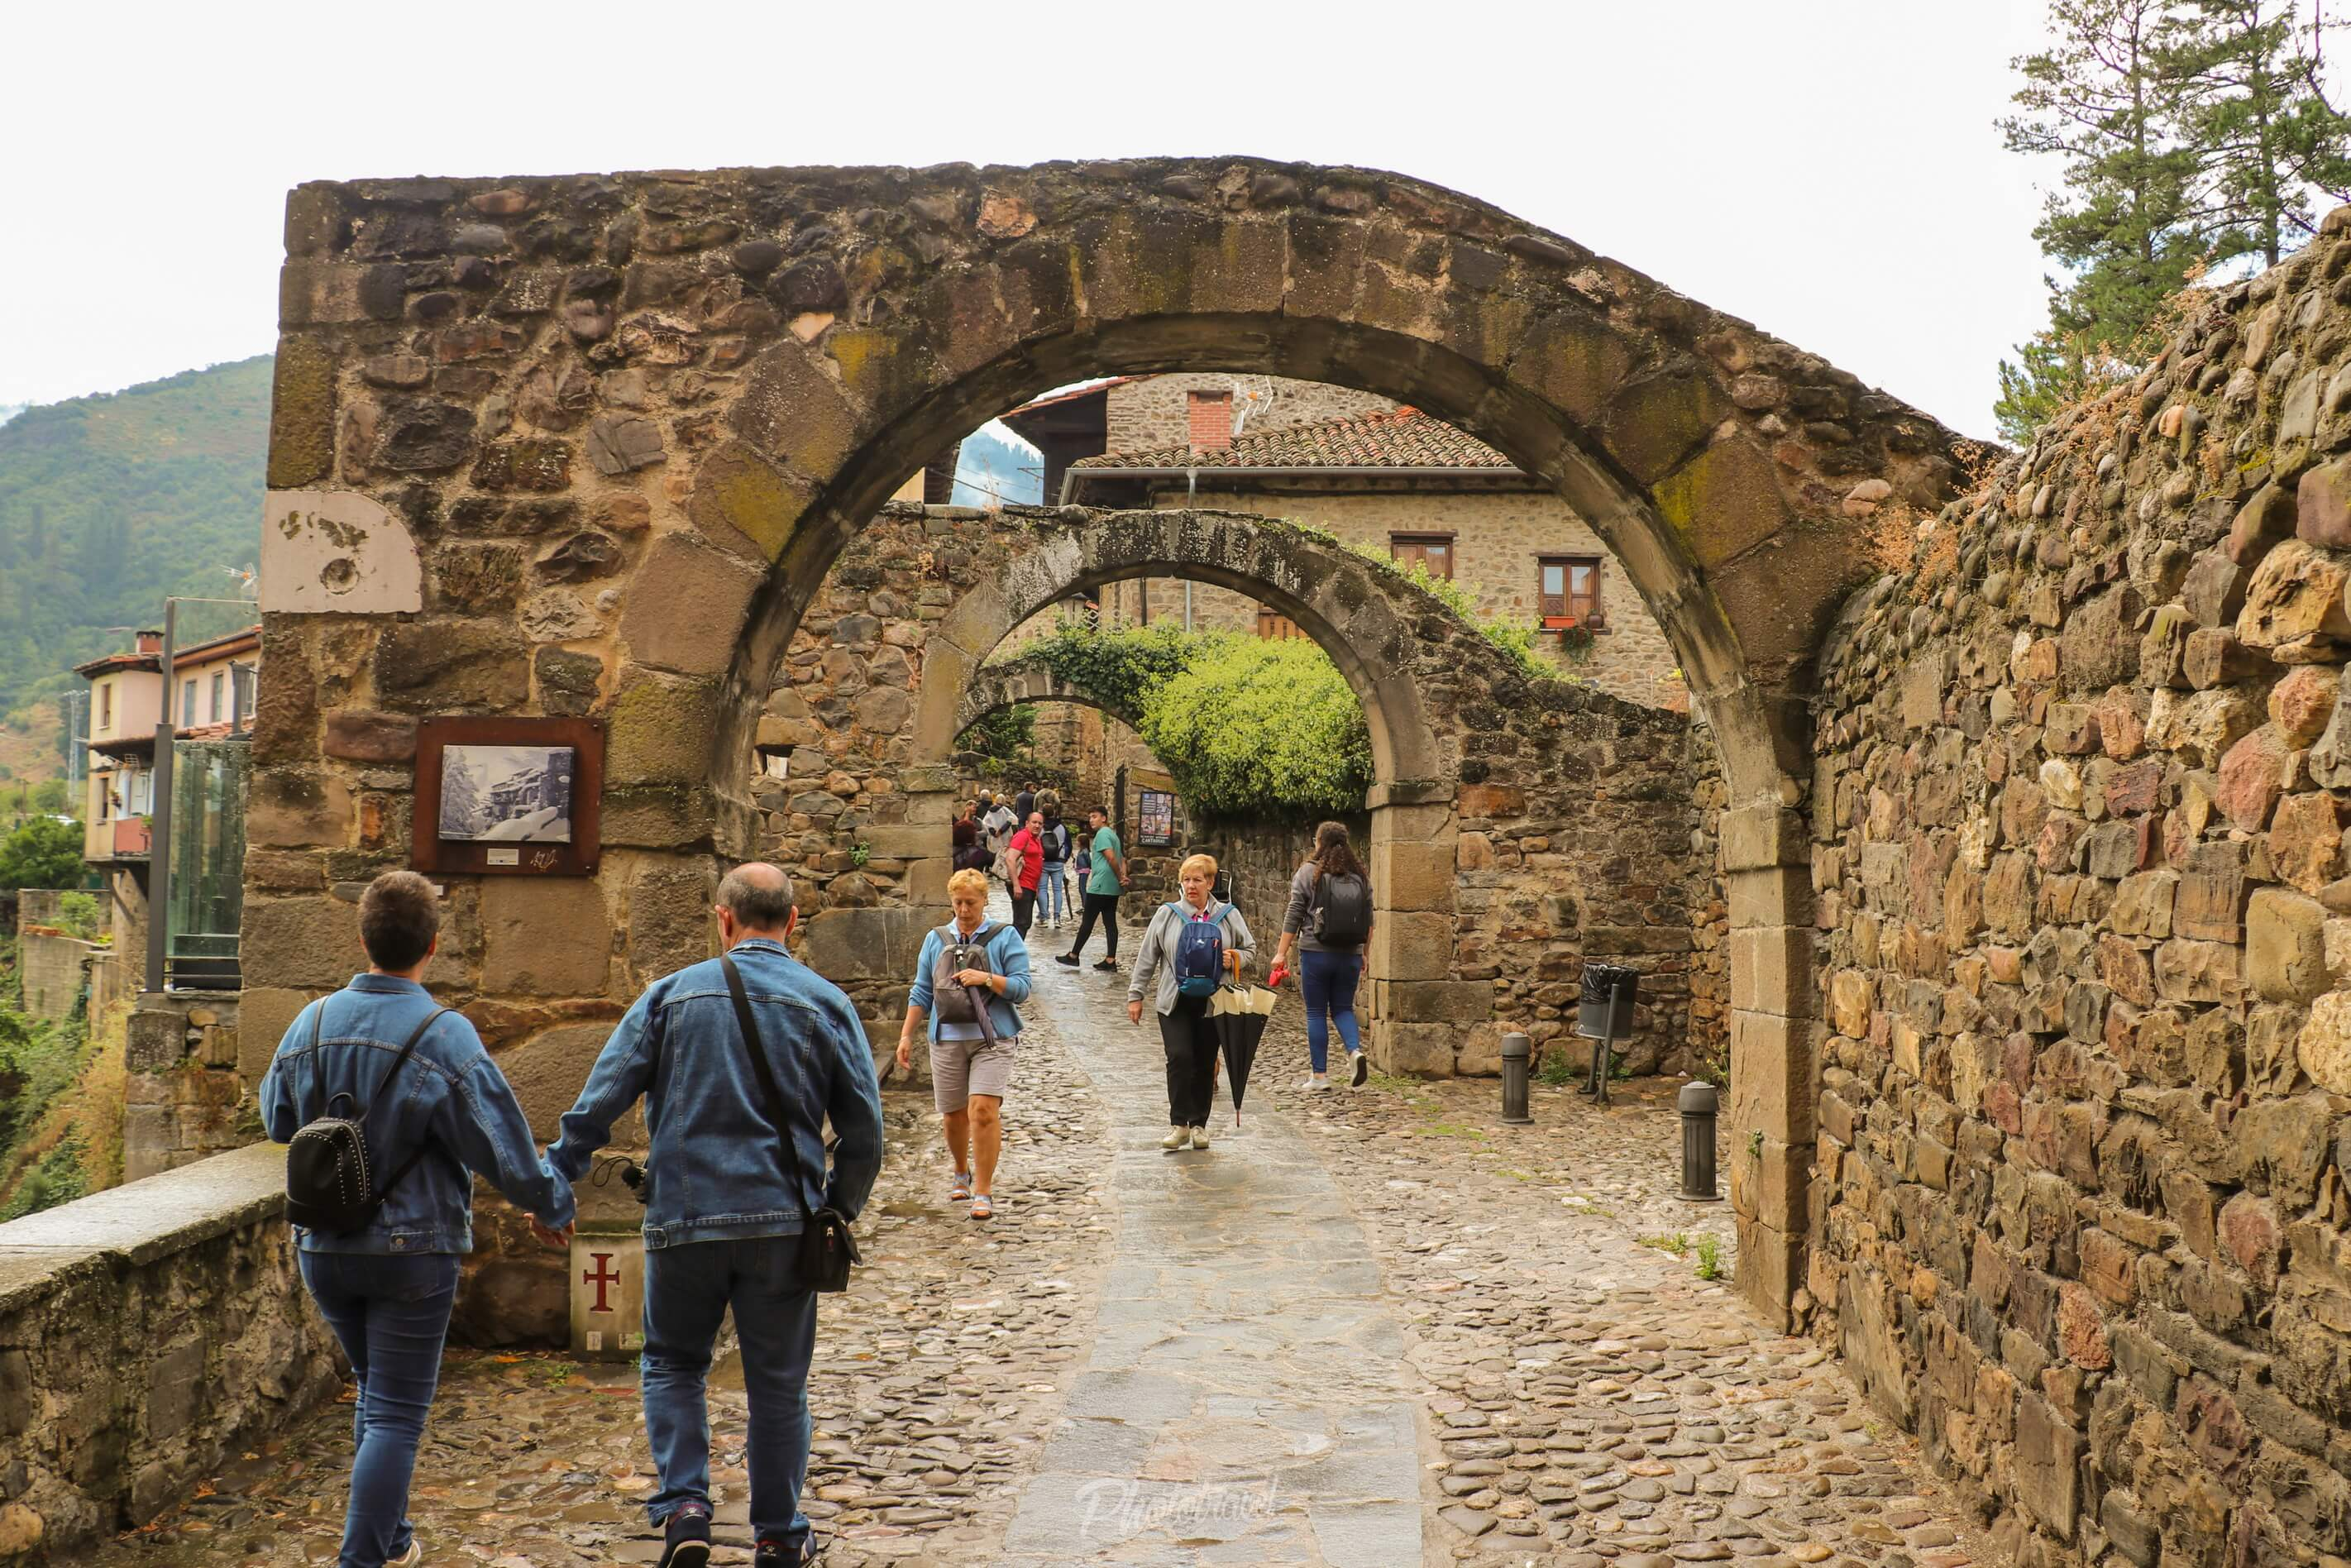 Calle Virgen del camino, Potes - Cantabria